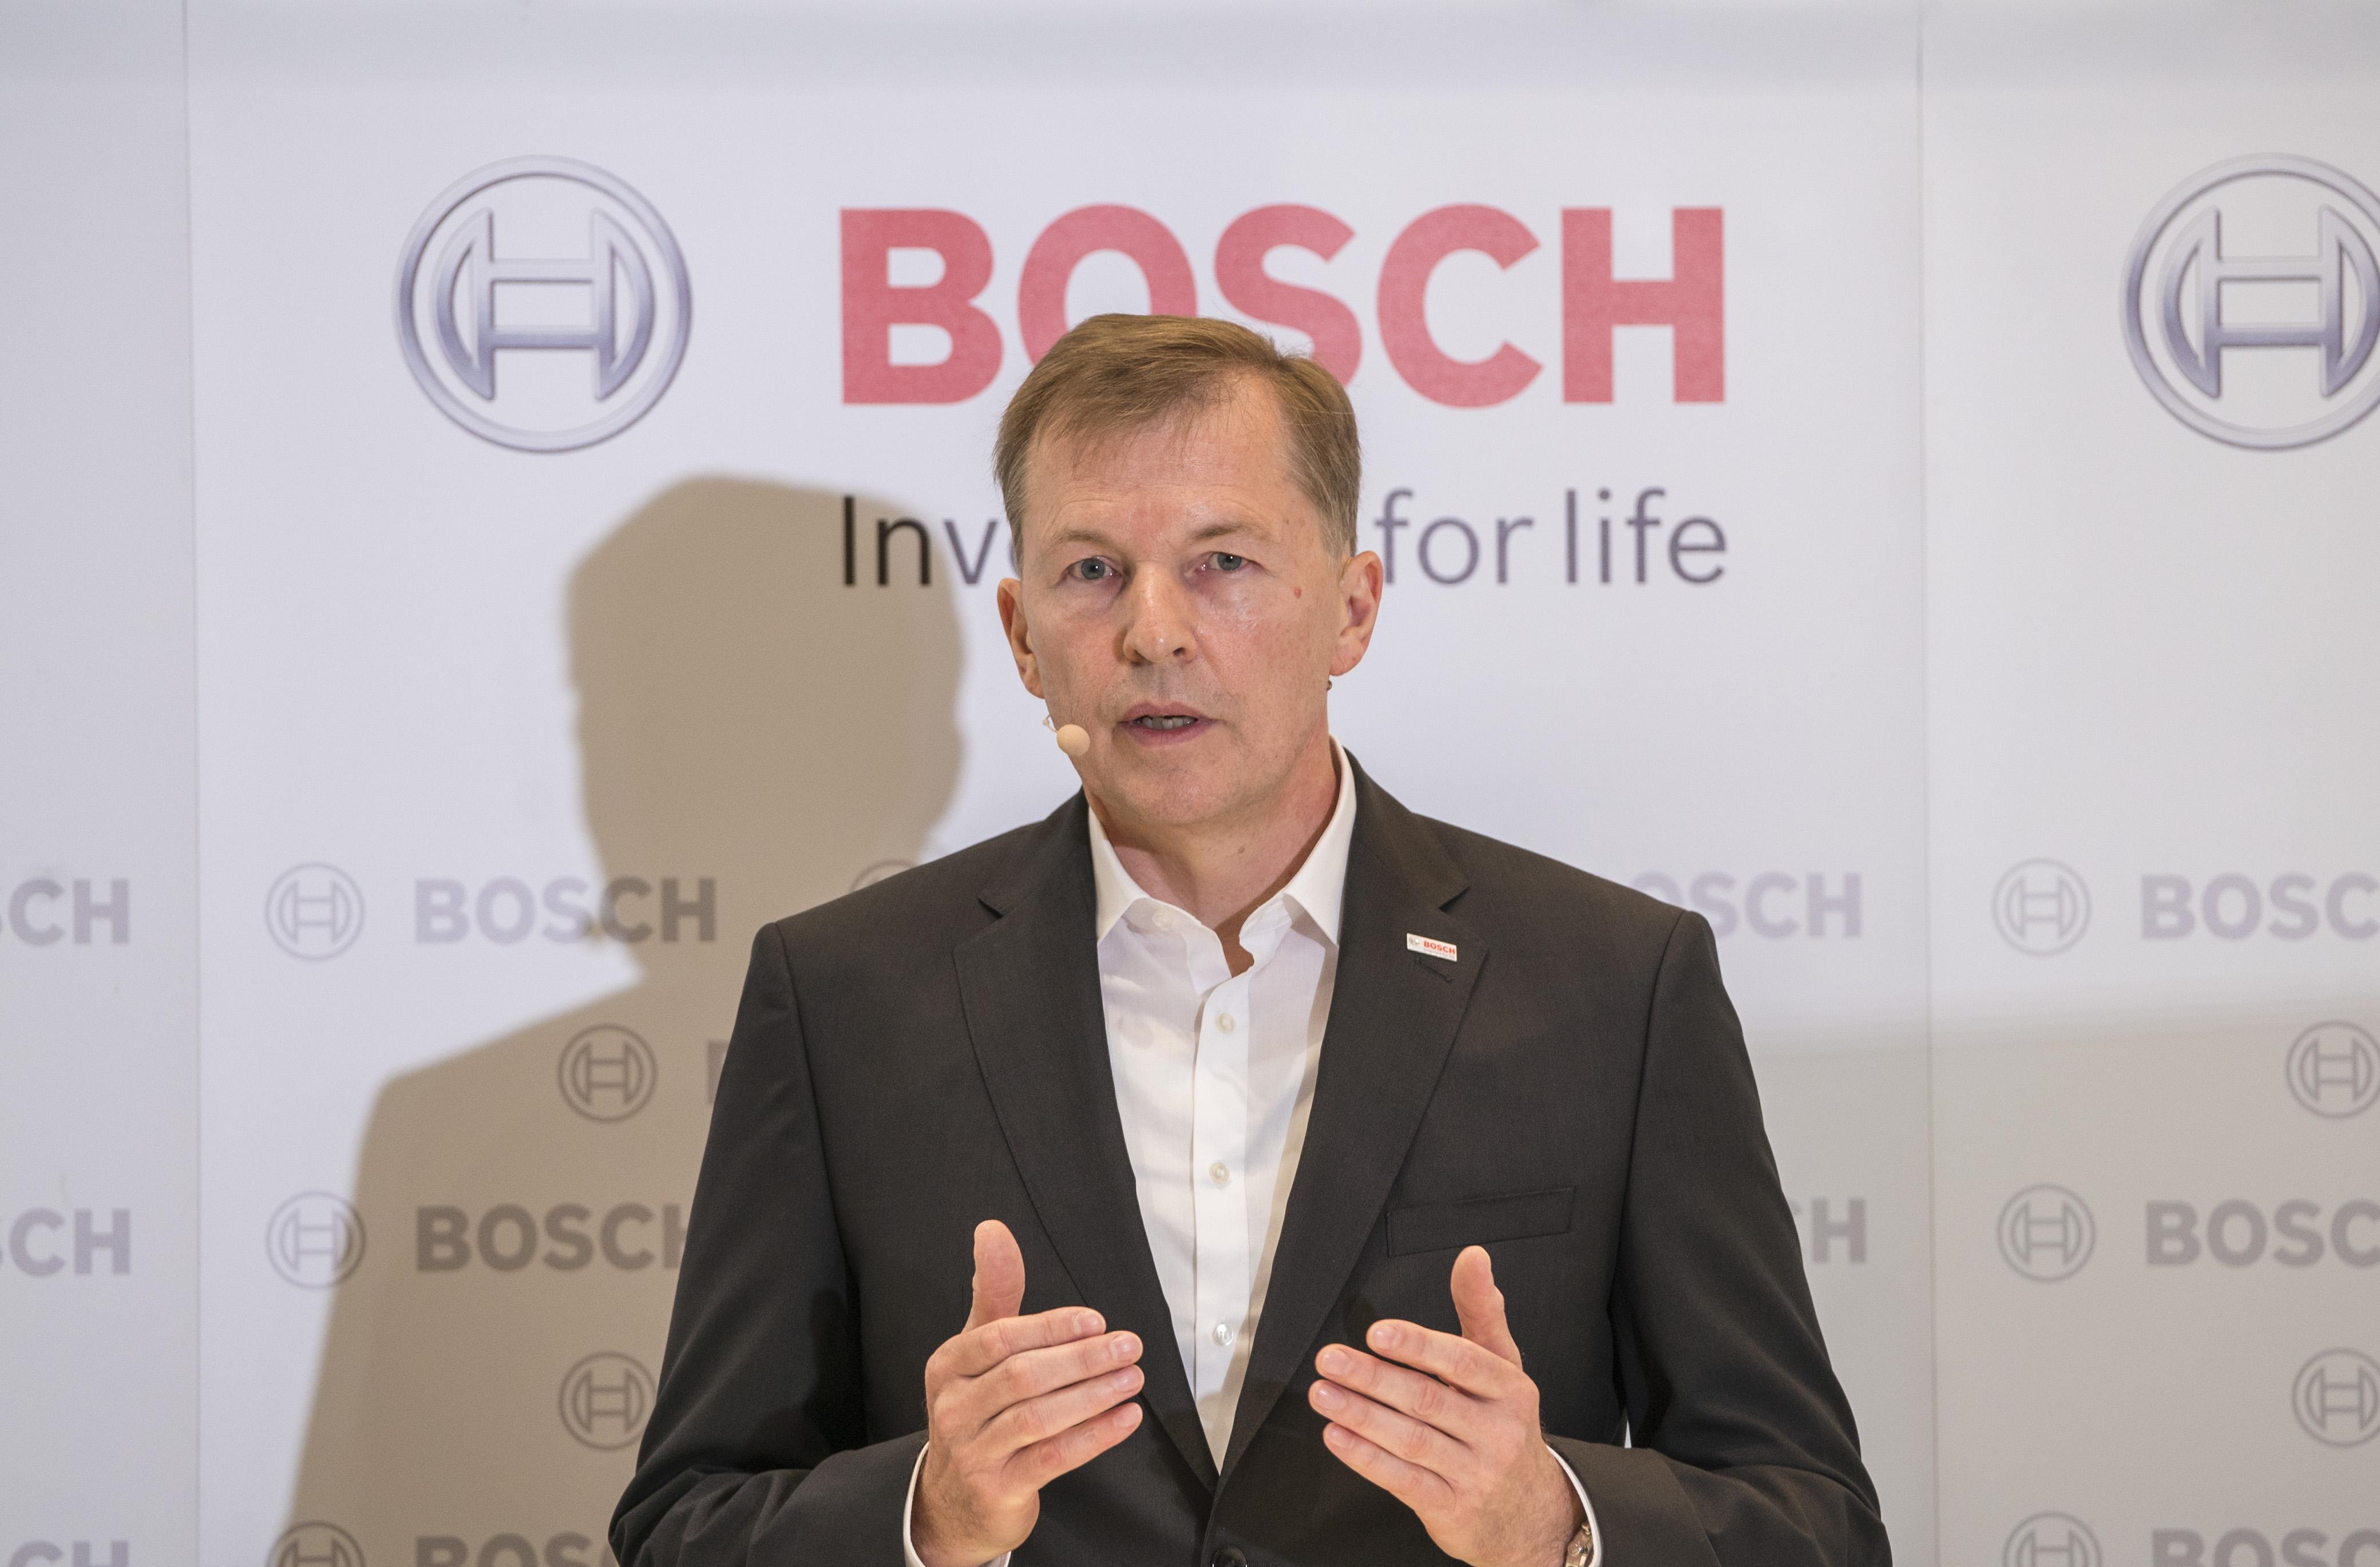 Vorsitzender von Bosch in Japan Klaus Meder